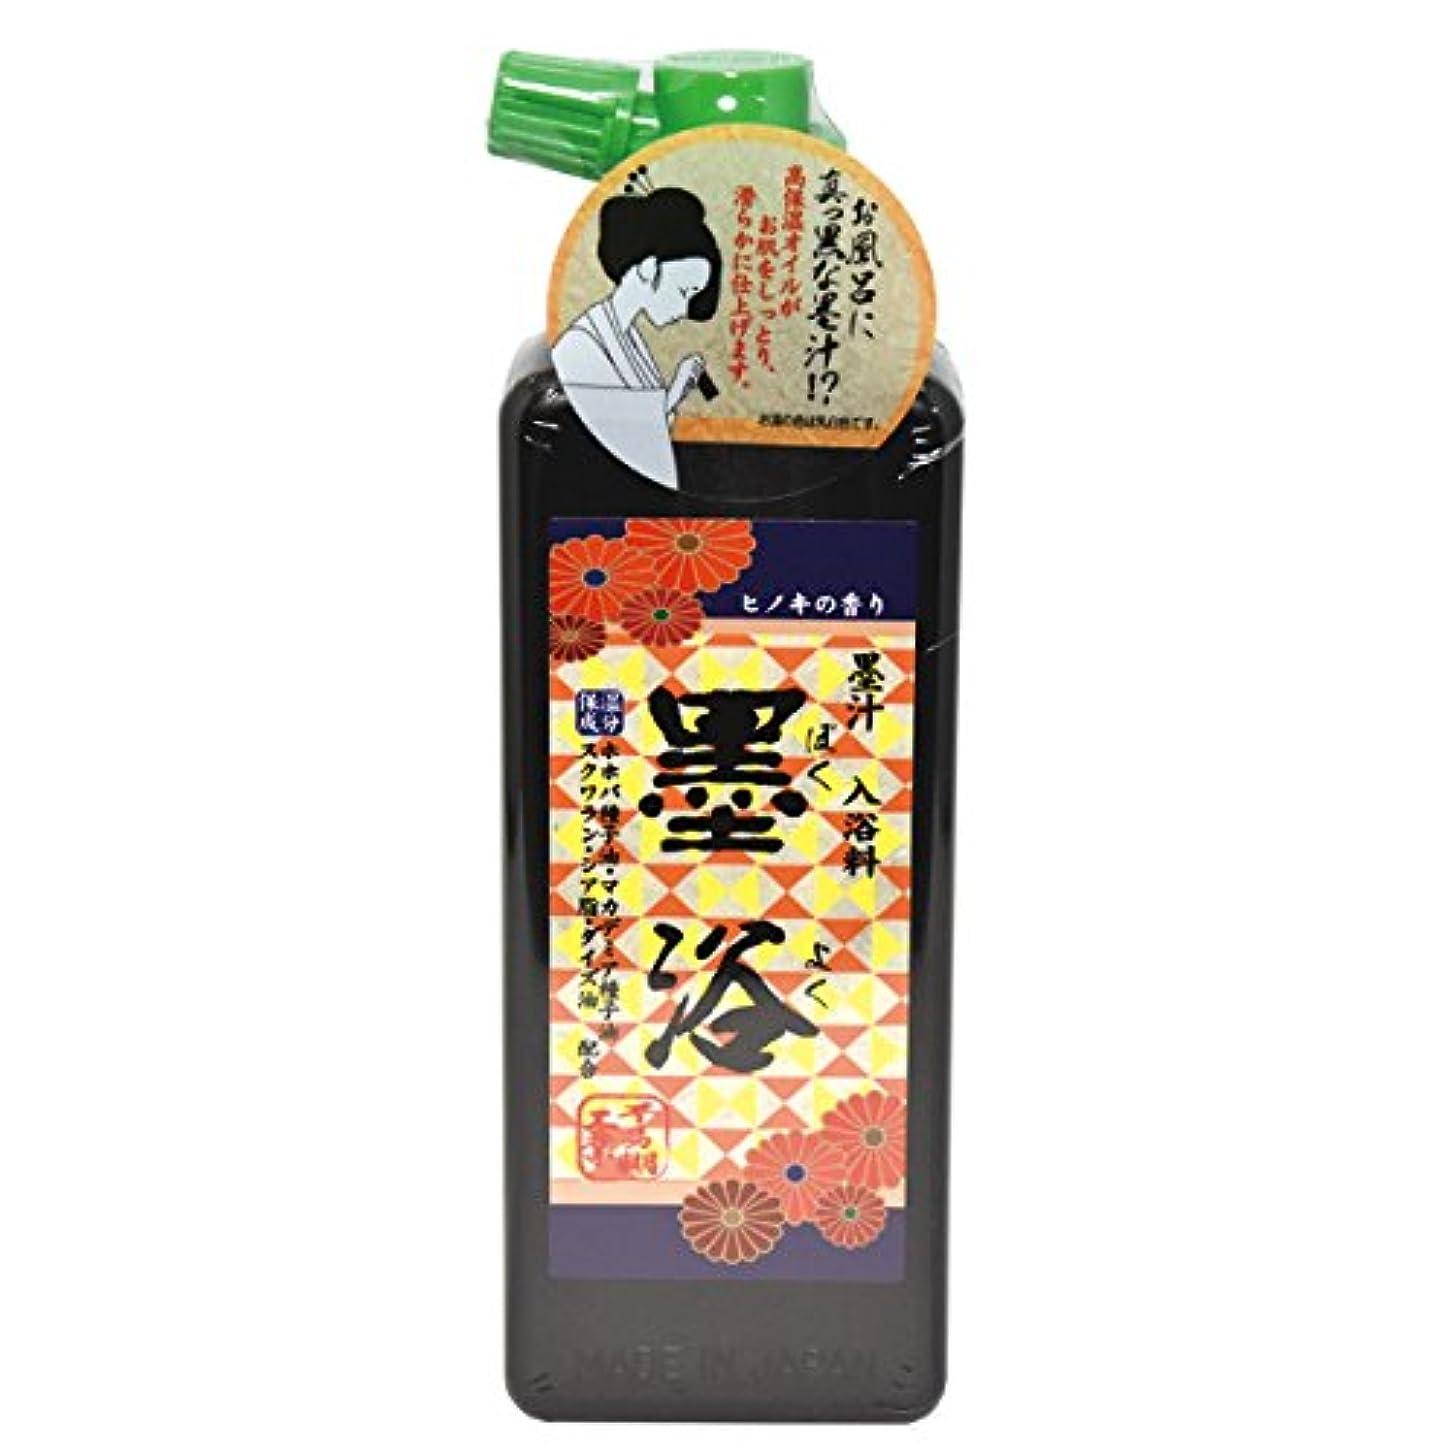 かなりの結び目意図的墨浴 ぼくよく 入浴料 ヒノキの香り 不易糊工業 BY20